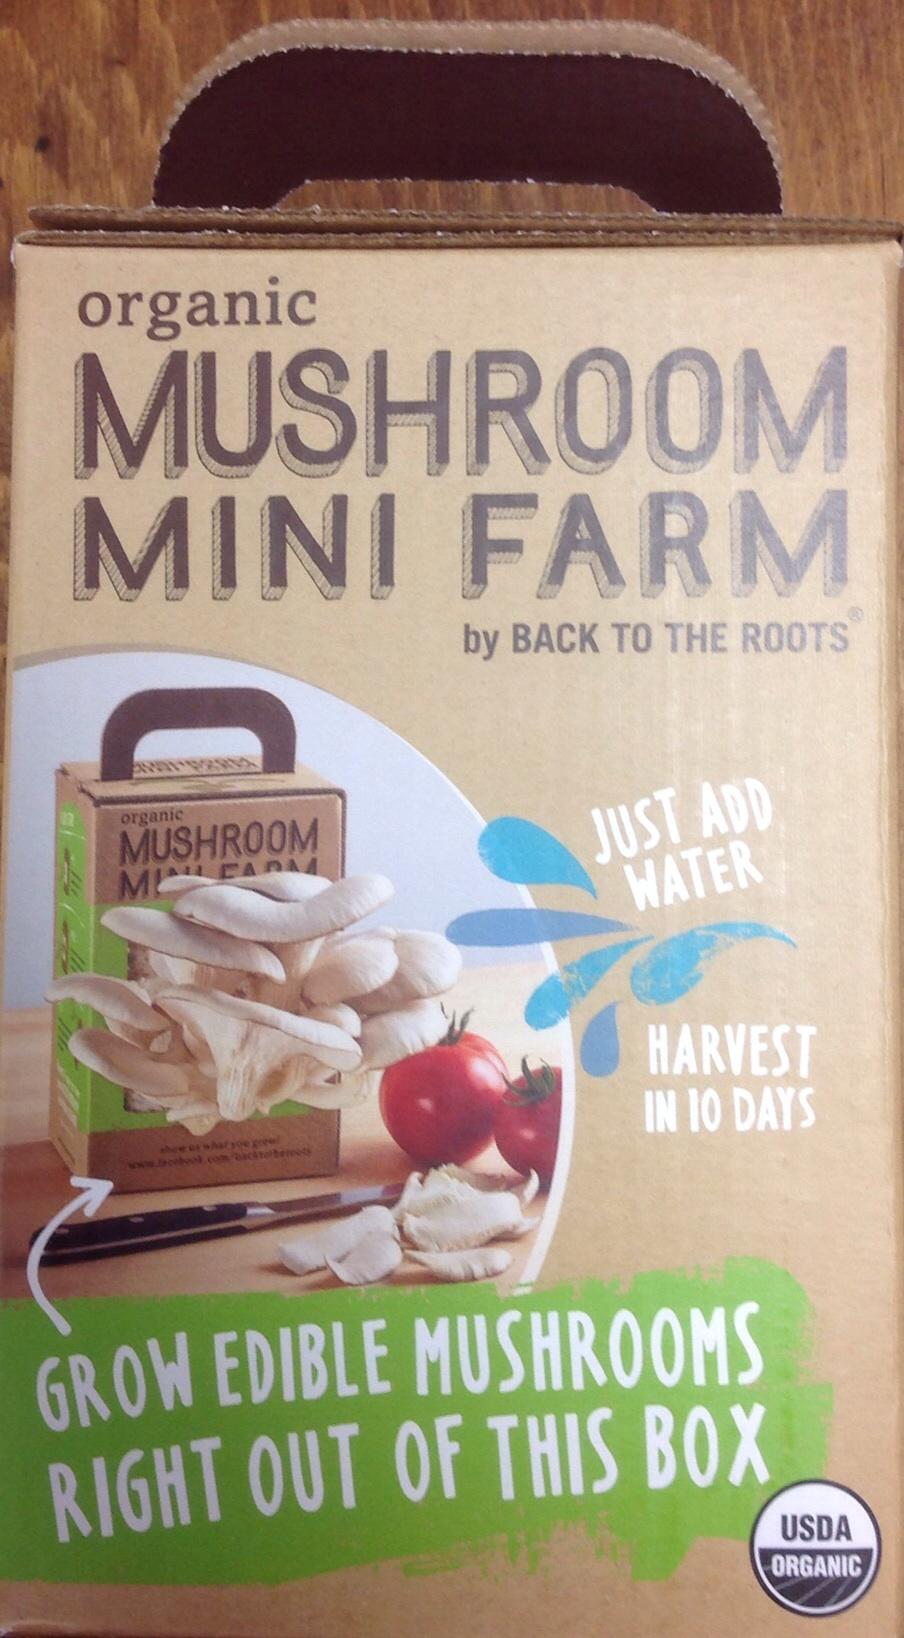 Organic Mushroom Mini Oyster Farm